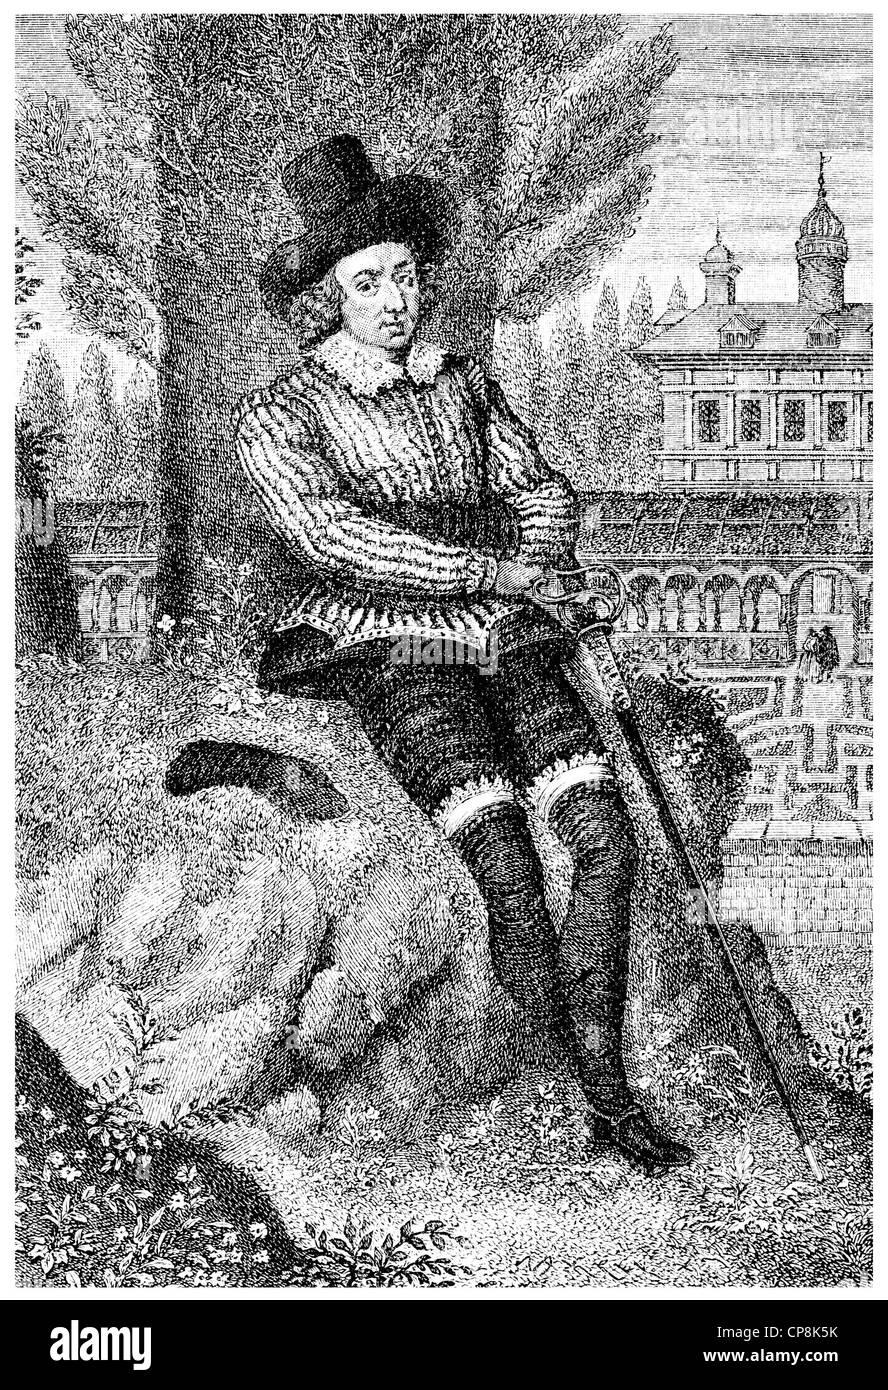 Sir Philip Sidney, 1554 - 1586, an English statesman, soldier and writer, Historische Zeichnung aus dem 19. Jahrhundert, - Stock Image